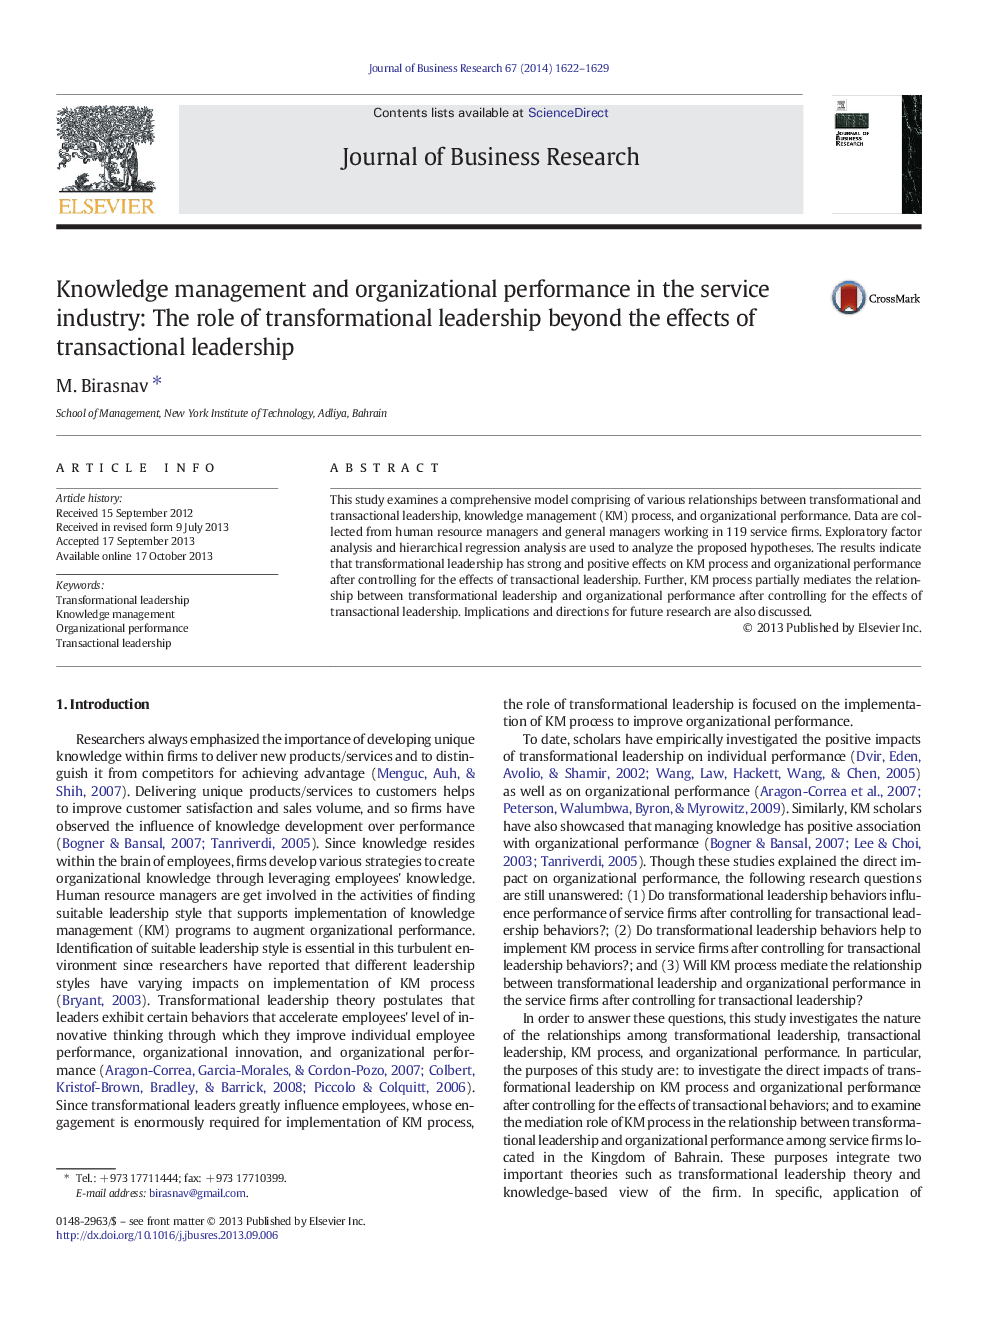 پیش نمایش مقاله مدیریت دانش و عملکرد سازمان در صنعت خدمات: نقش رهبری تحولگرا فراتر از تاثیرات رهبری تعاملگرا